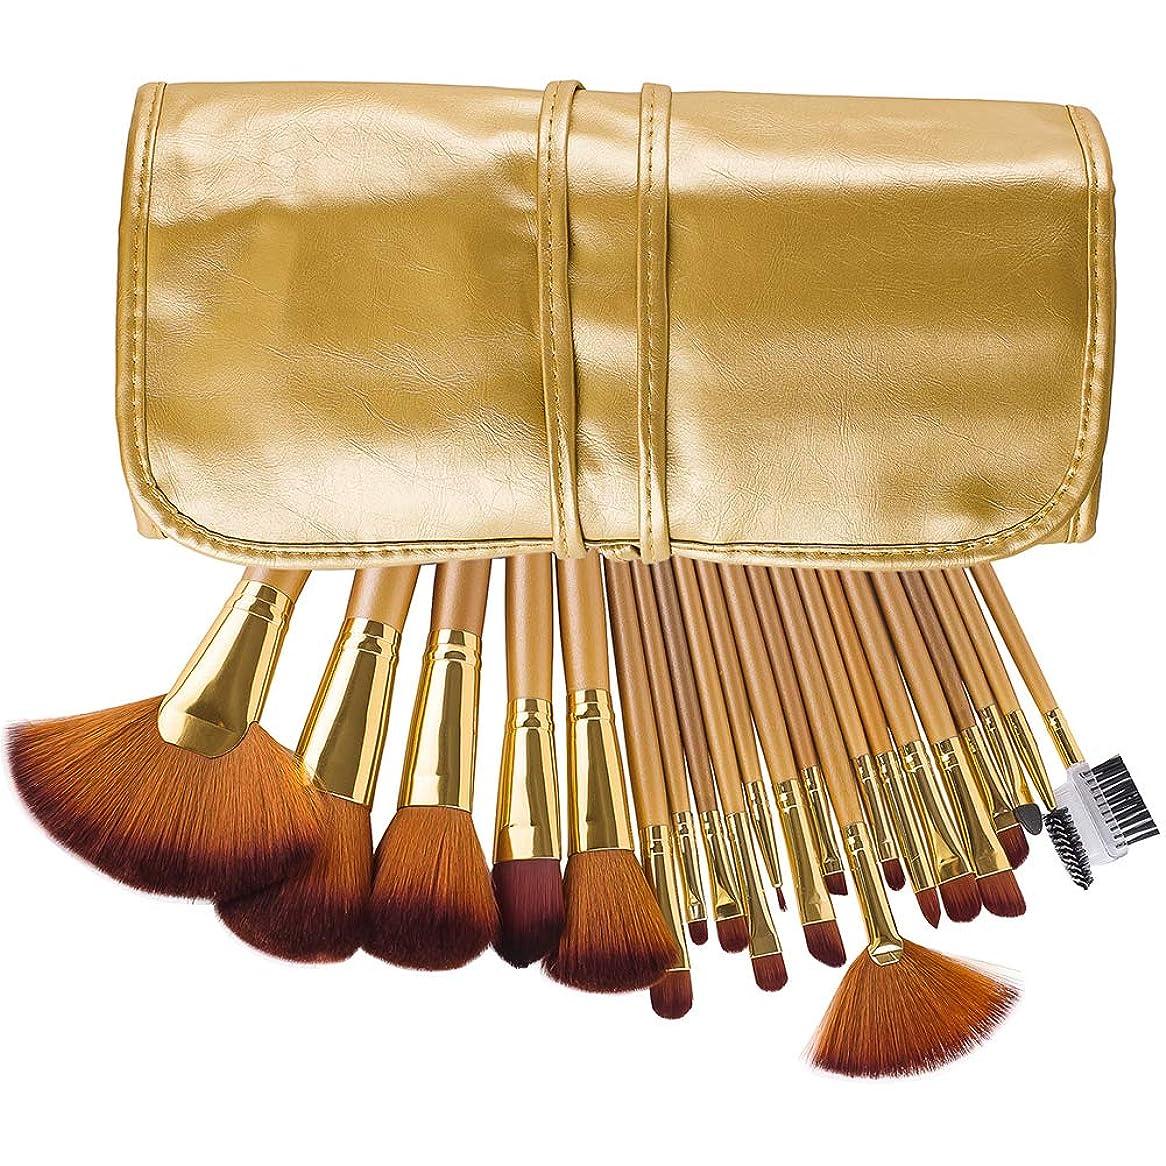 興味吸収学生化粧ブラシセットGee-rgeous 21ピースゴールデンプロフェッショナル化粧品ファンデーションパウダーアイシャドウブラシブラッシュブラシリップブラシコンシーラーブラシ